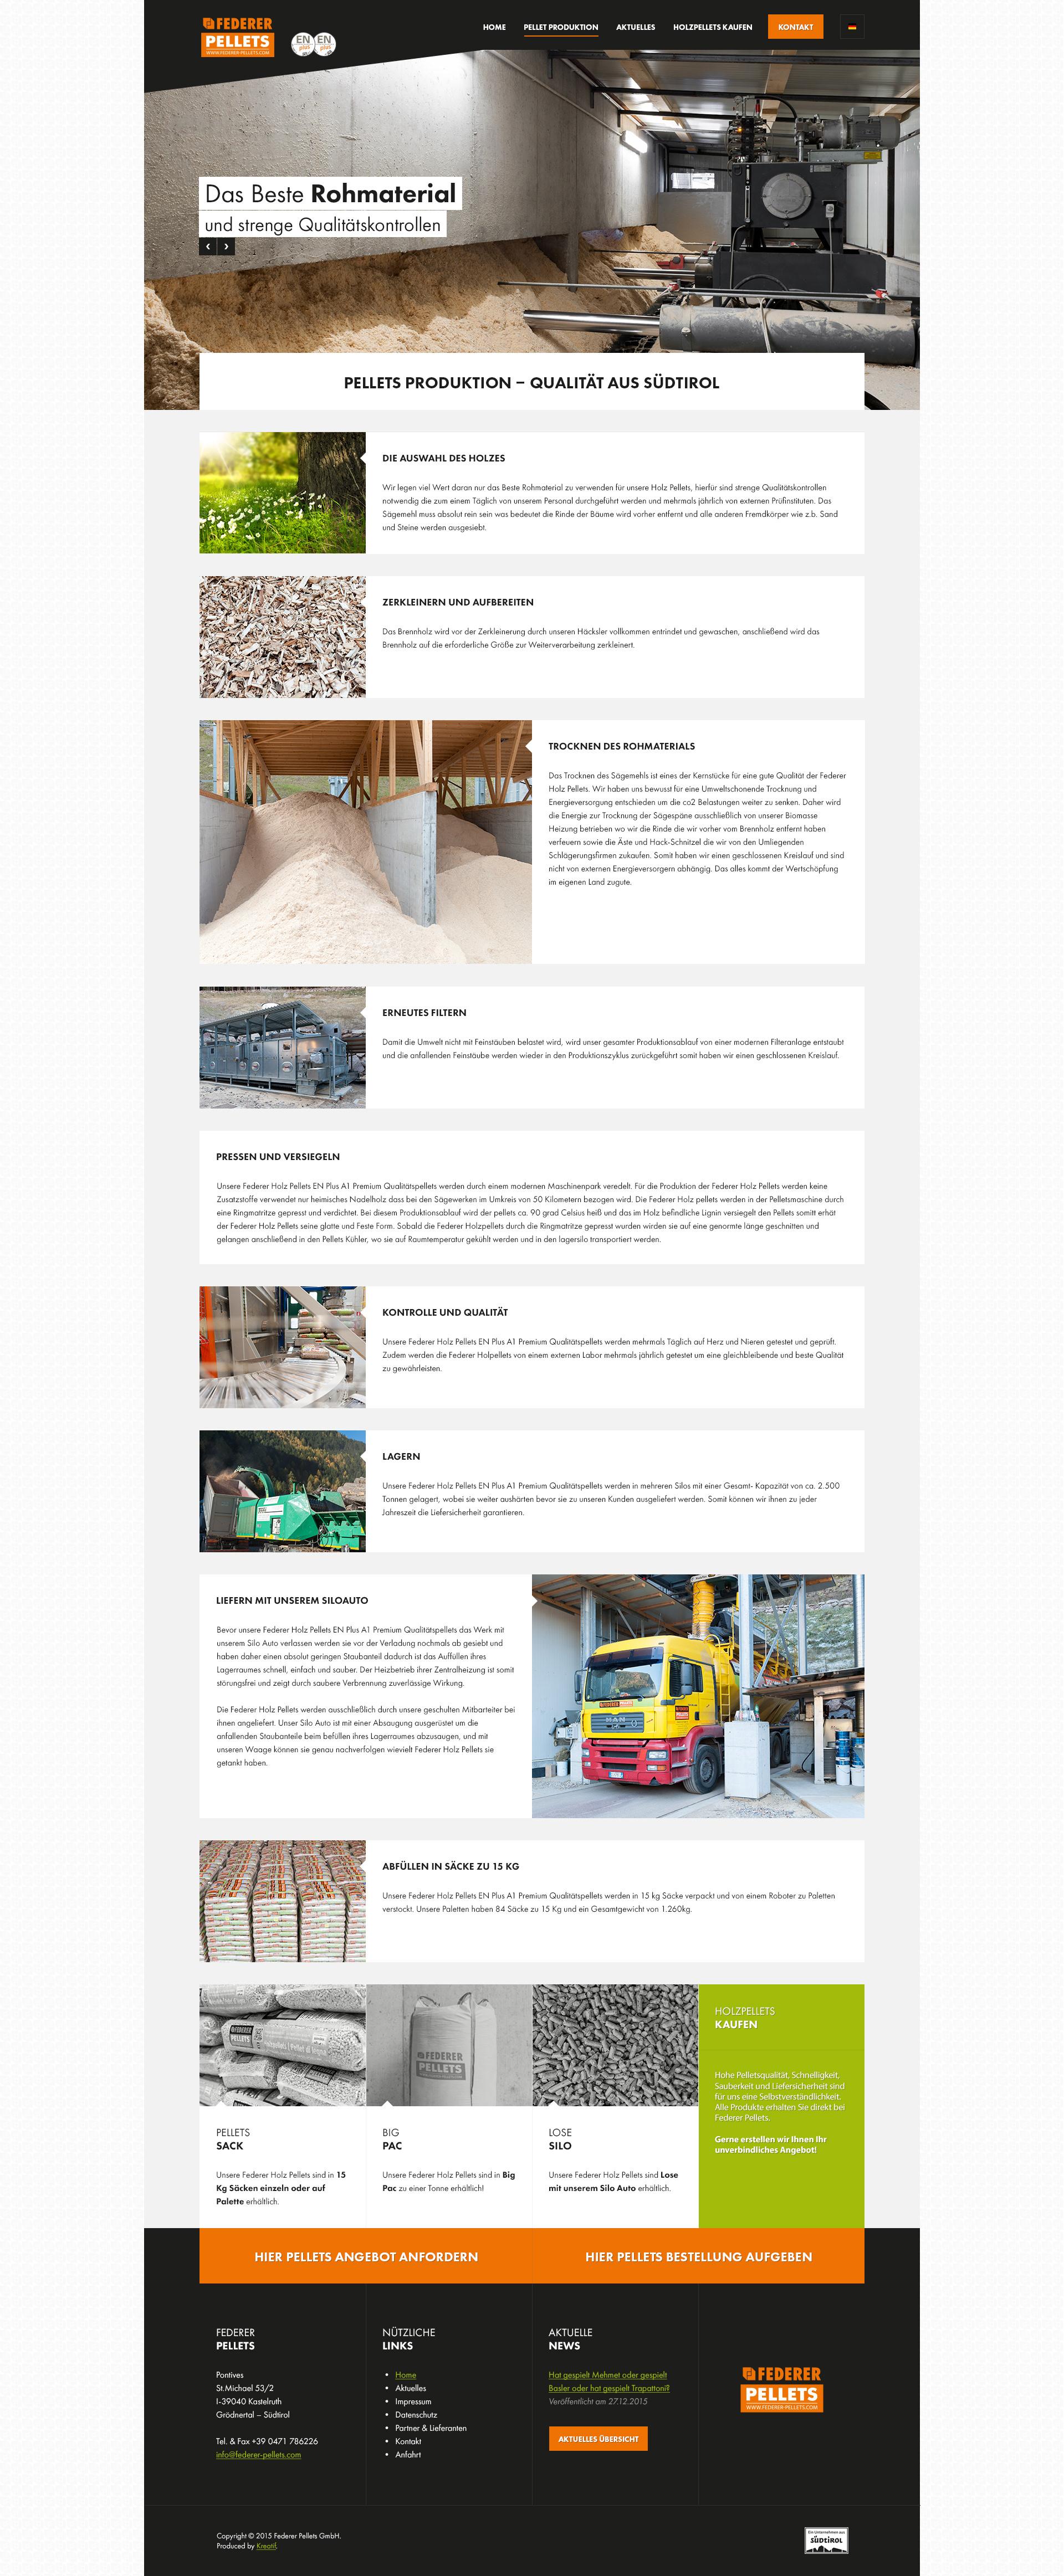 Ungewöhnlich Drahtseilkeilbuchse Fotos - Schaltplan Serie Circuit ...